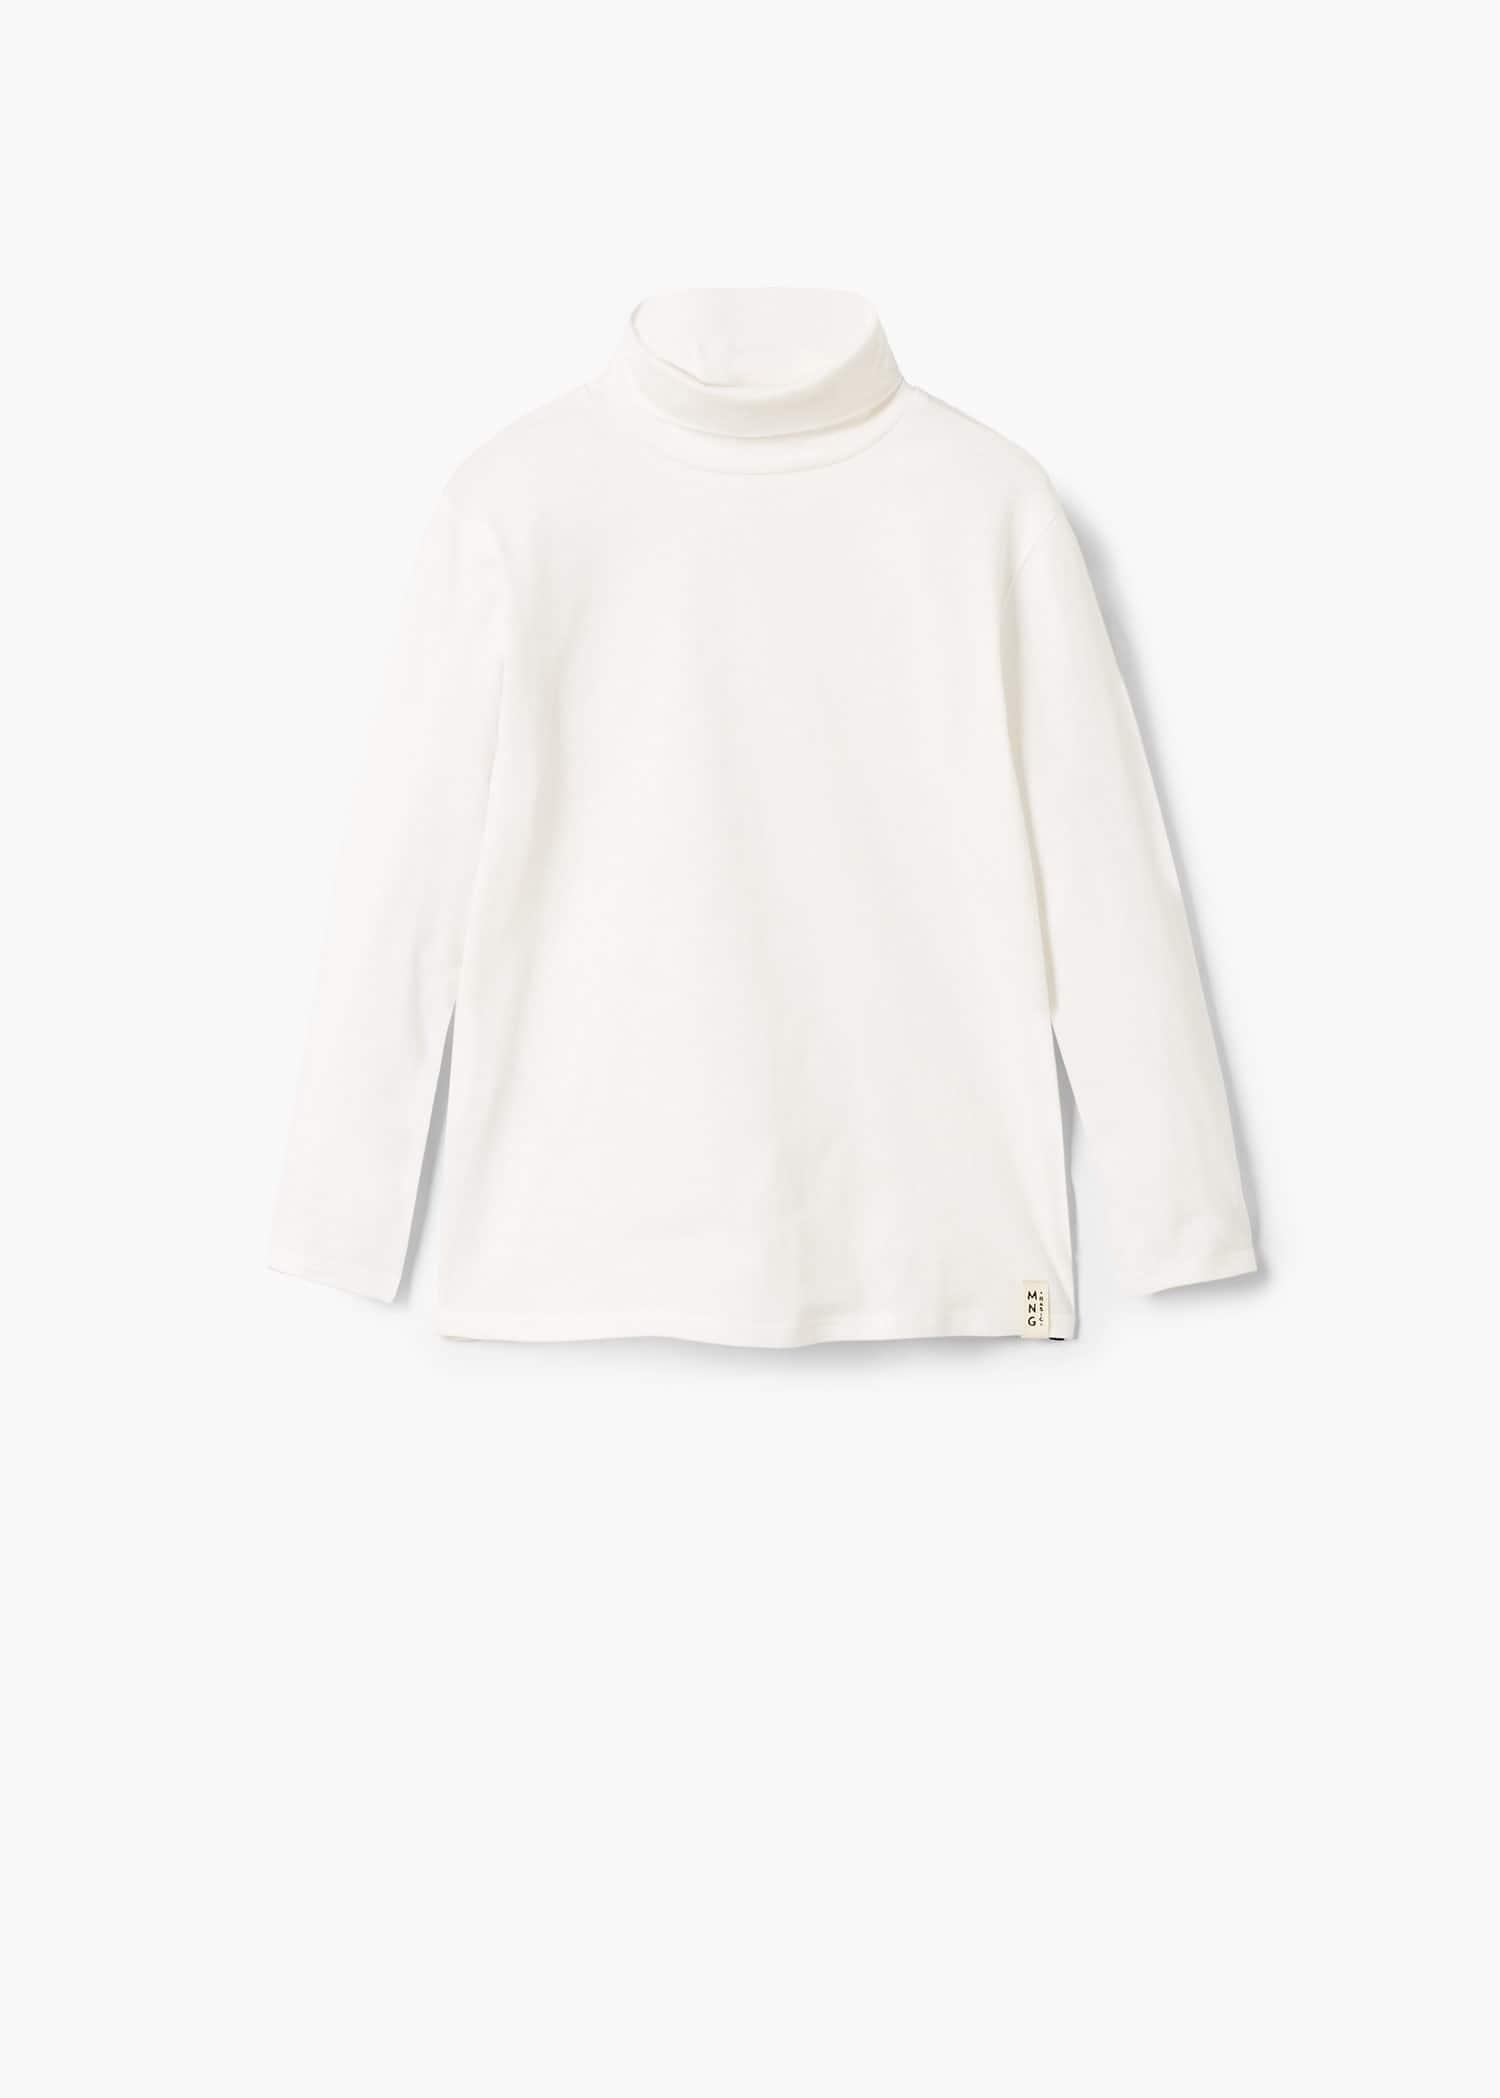 Bluse med høy hals Damer | OUTLET Norge